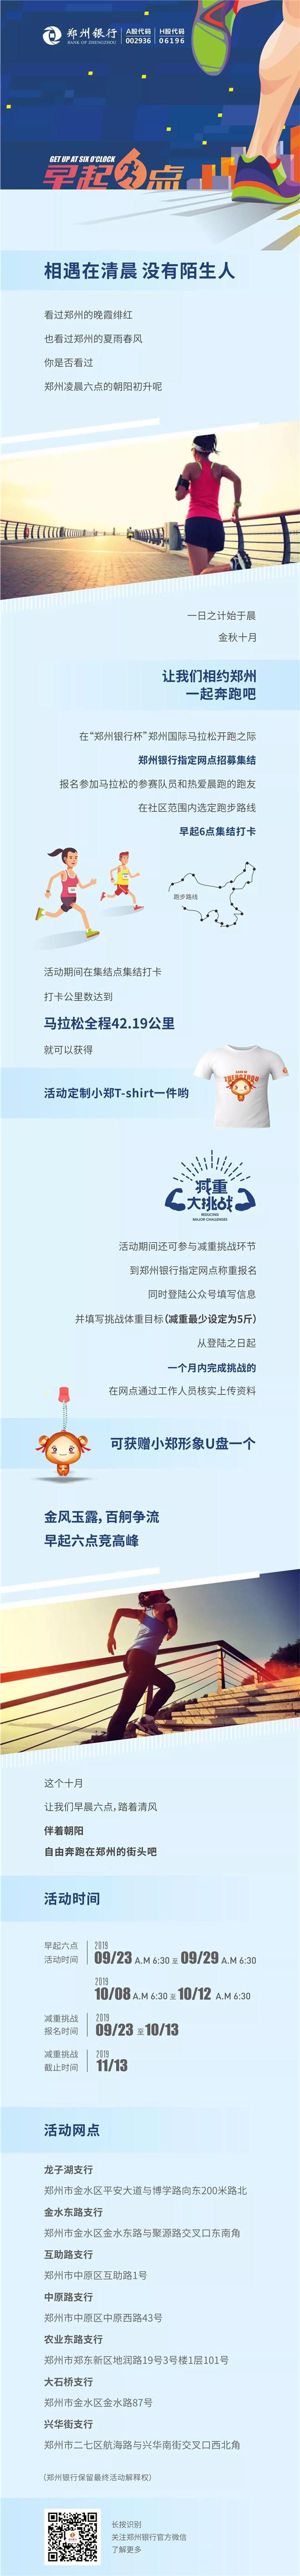 20190924郑州银行相遇清晨-1.jpg